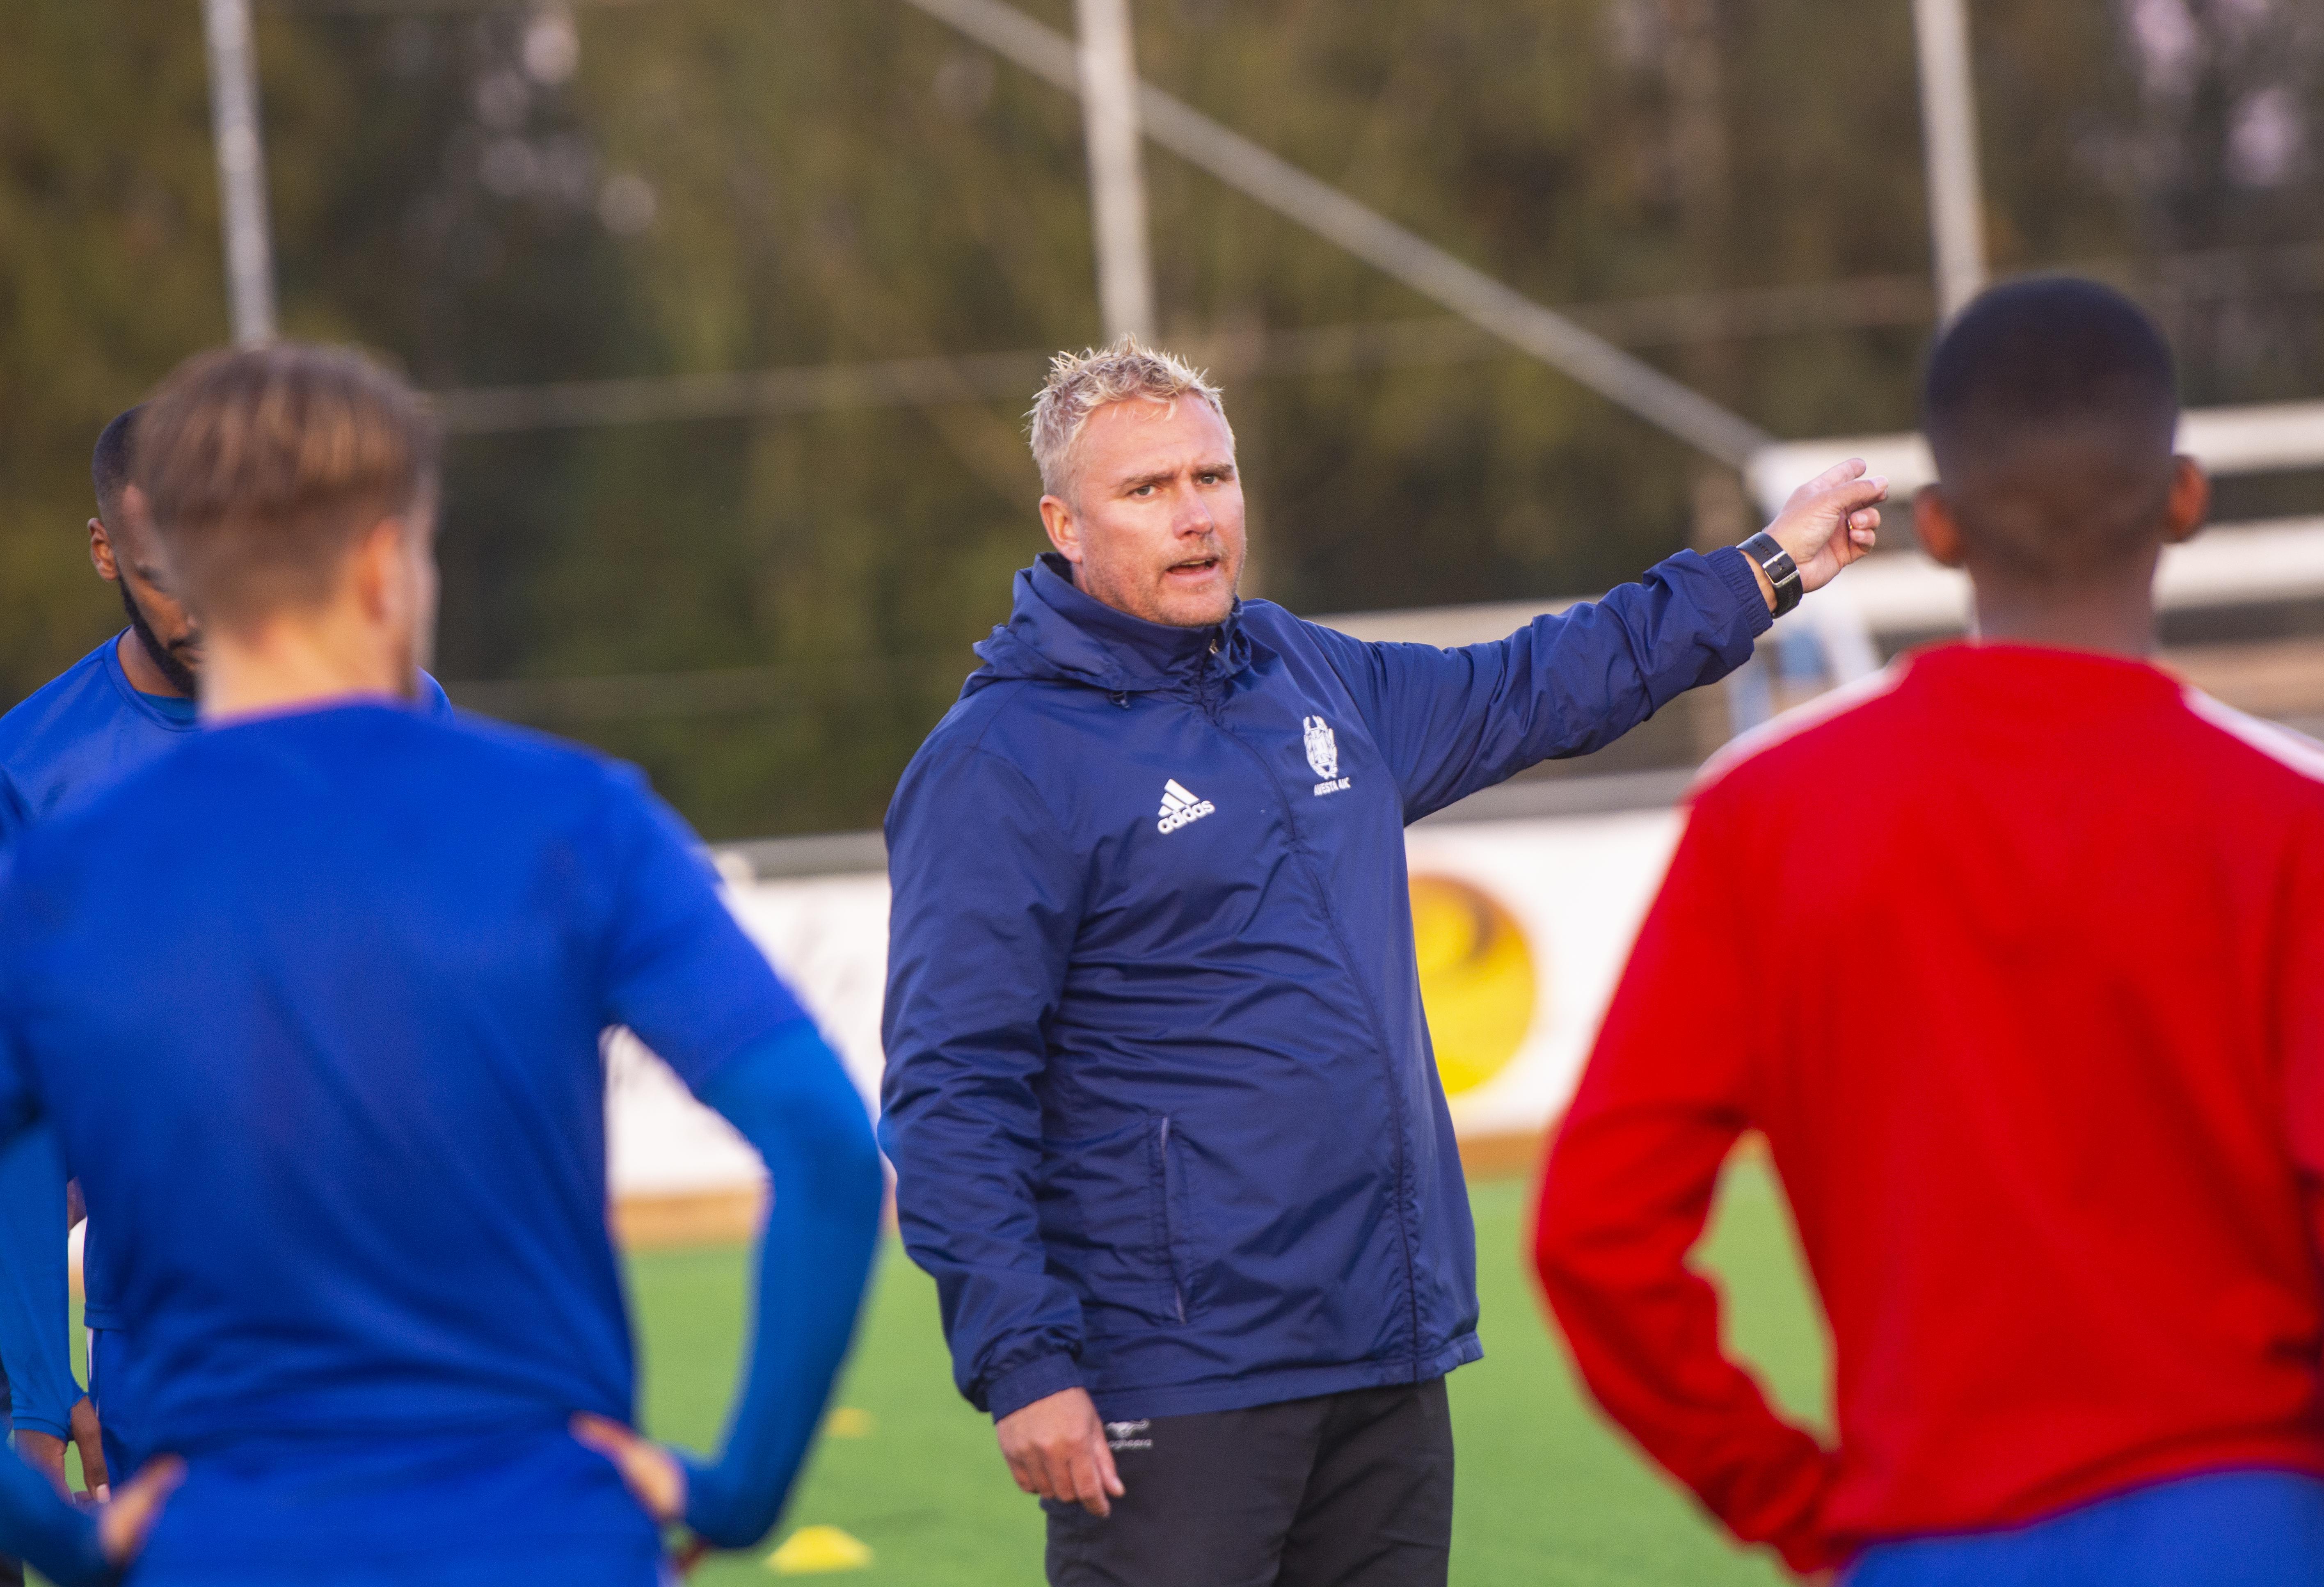 Magnus Svedlund leder unga Avesta AIK i jakten på en plats i division 3. Laget har potential, menar tränaren, och risken finns att spelarna kan söka sig till andra klubbar om